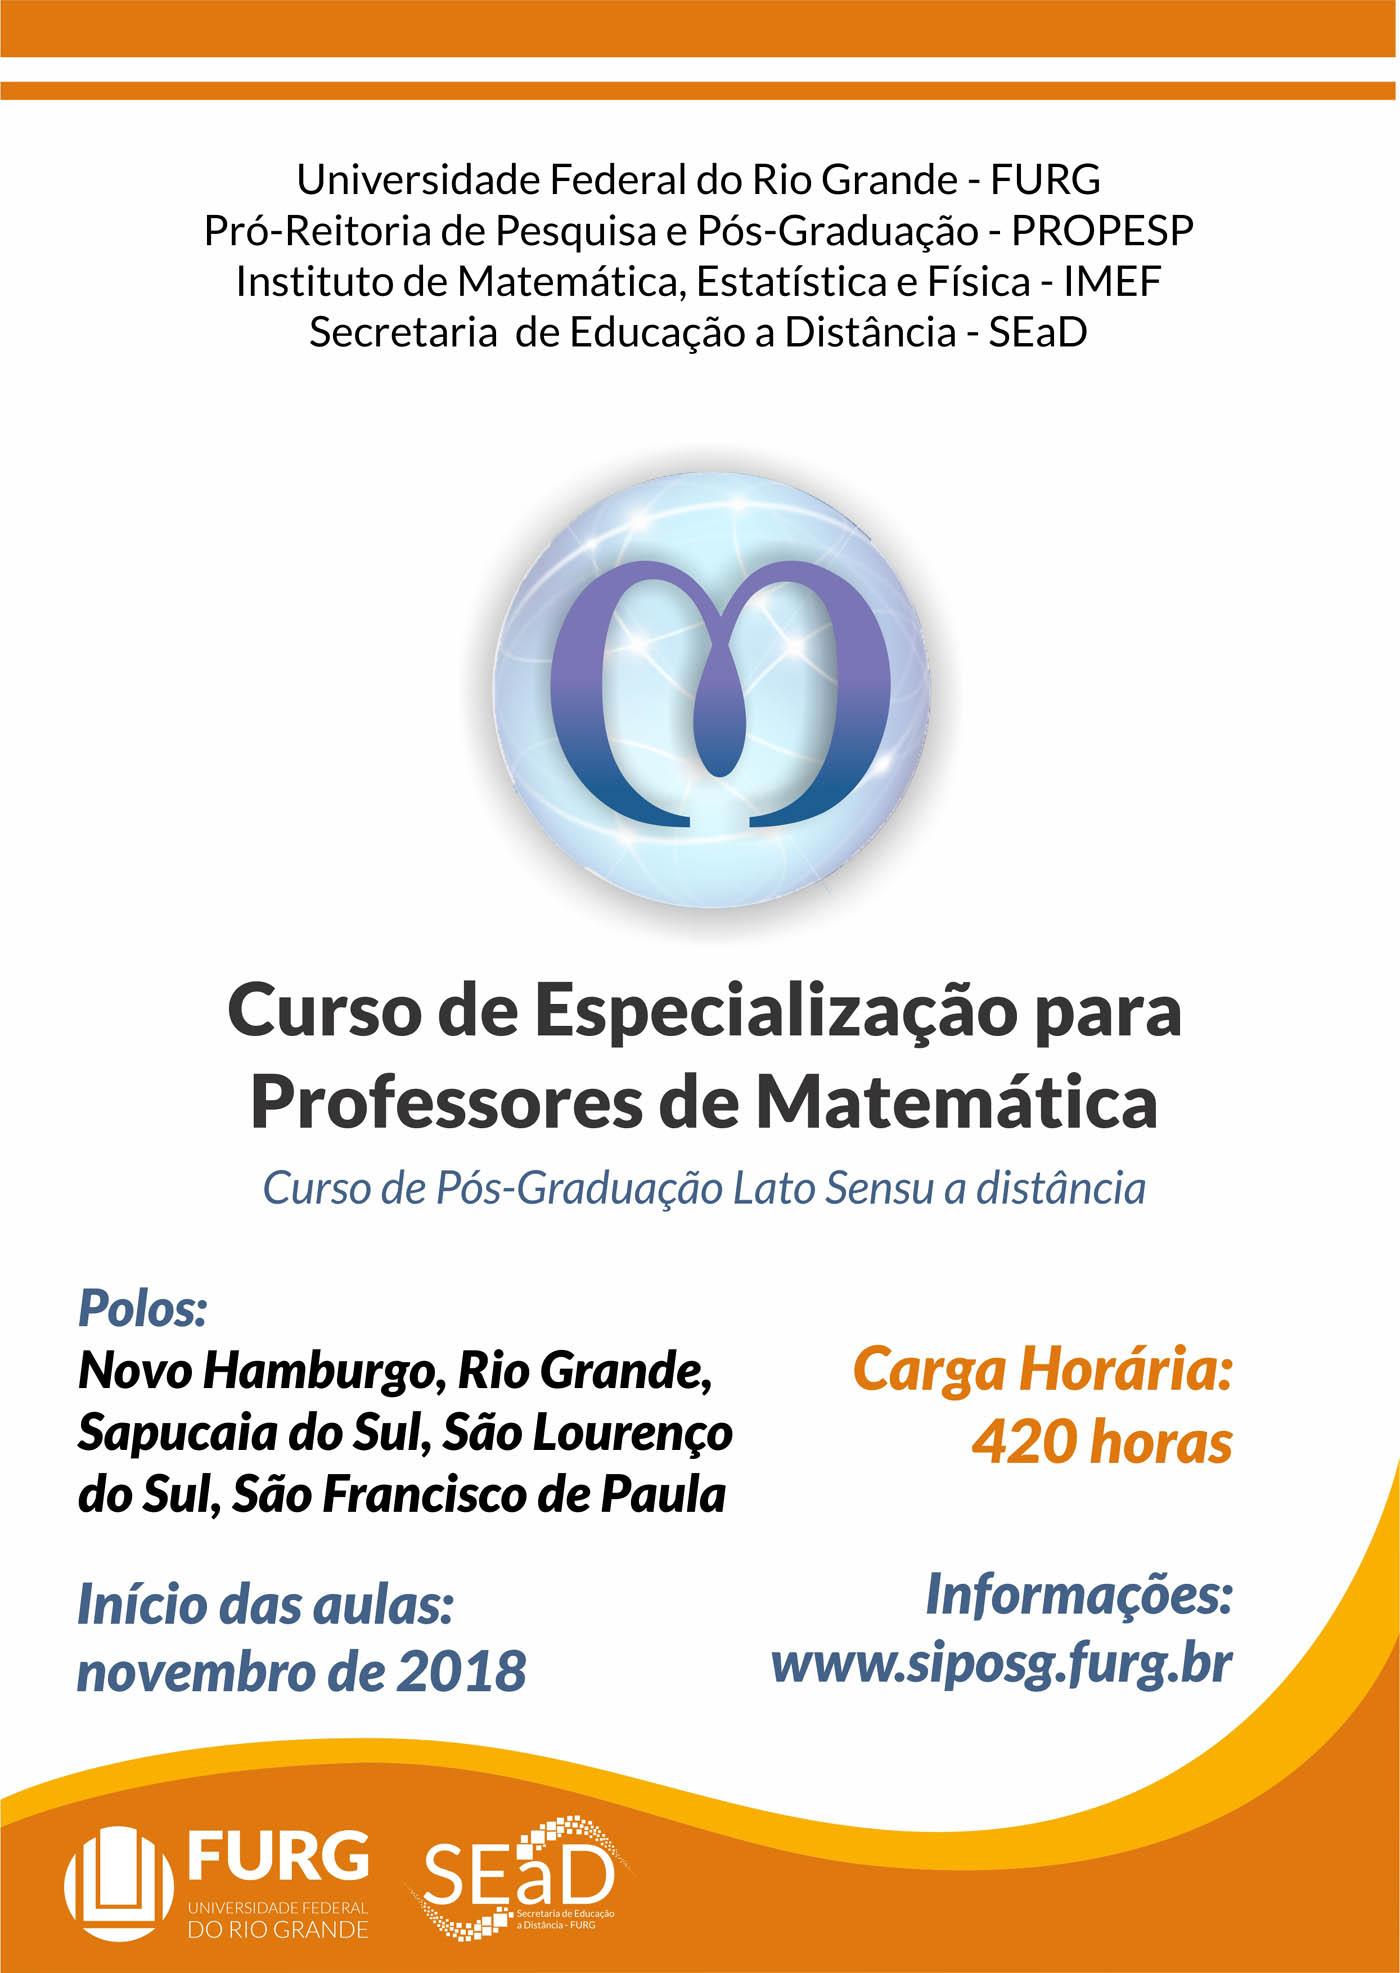 Especialização para Professores de Matemática